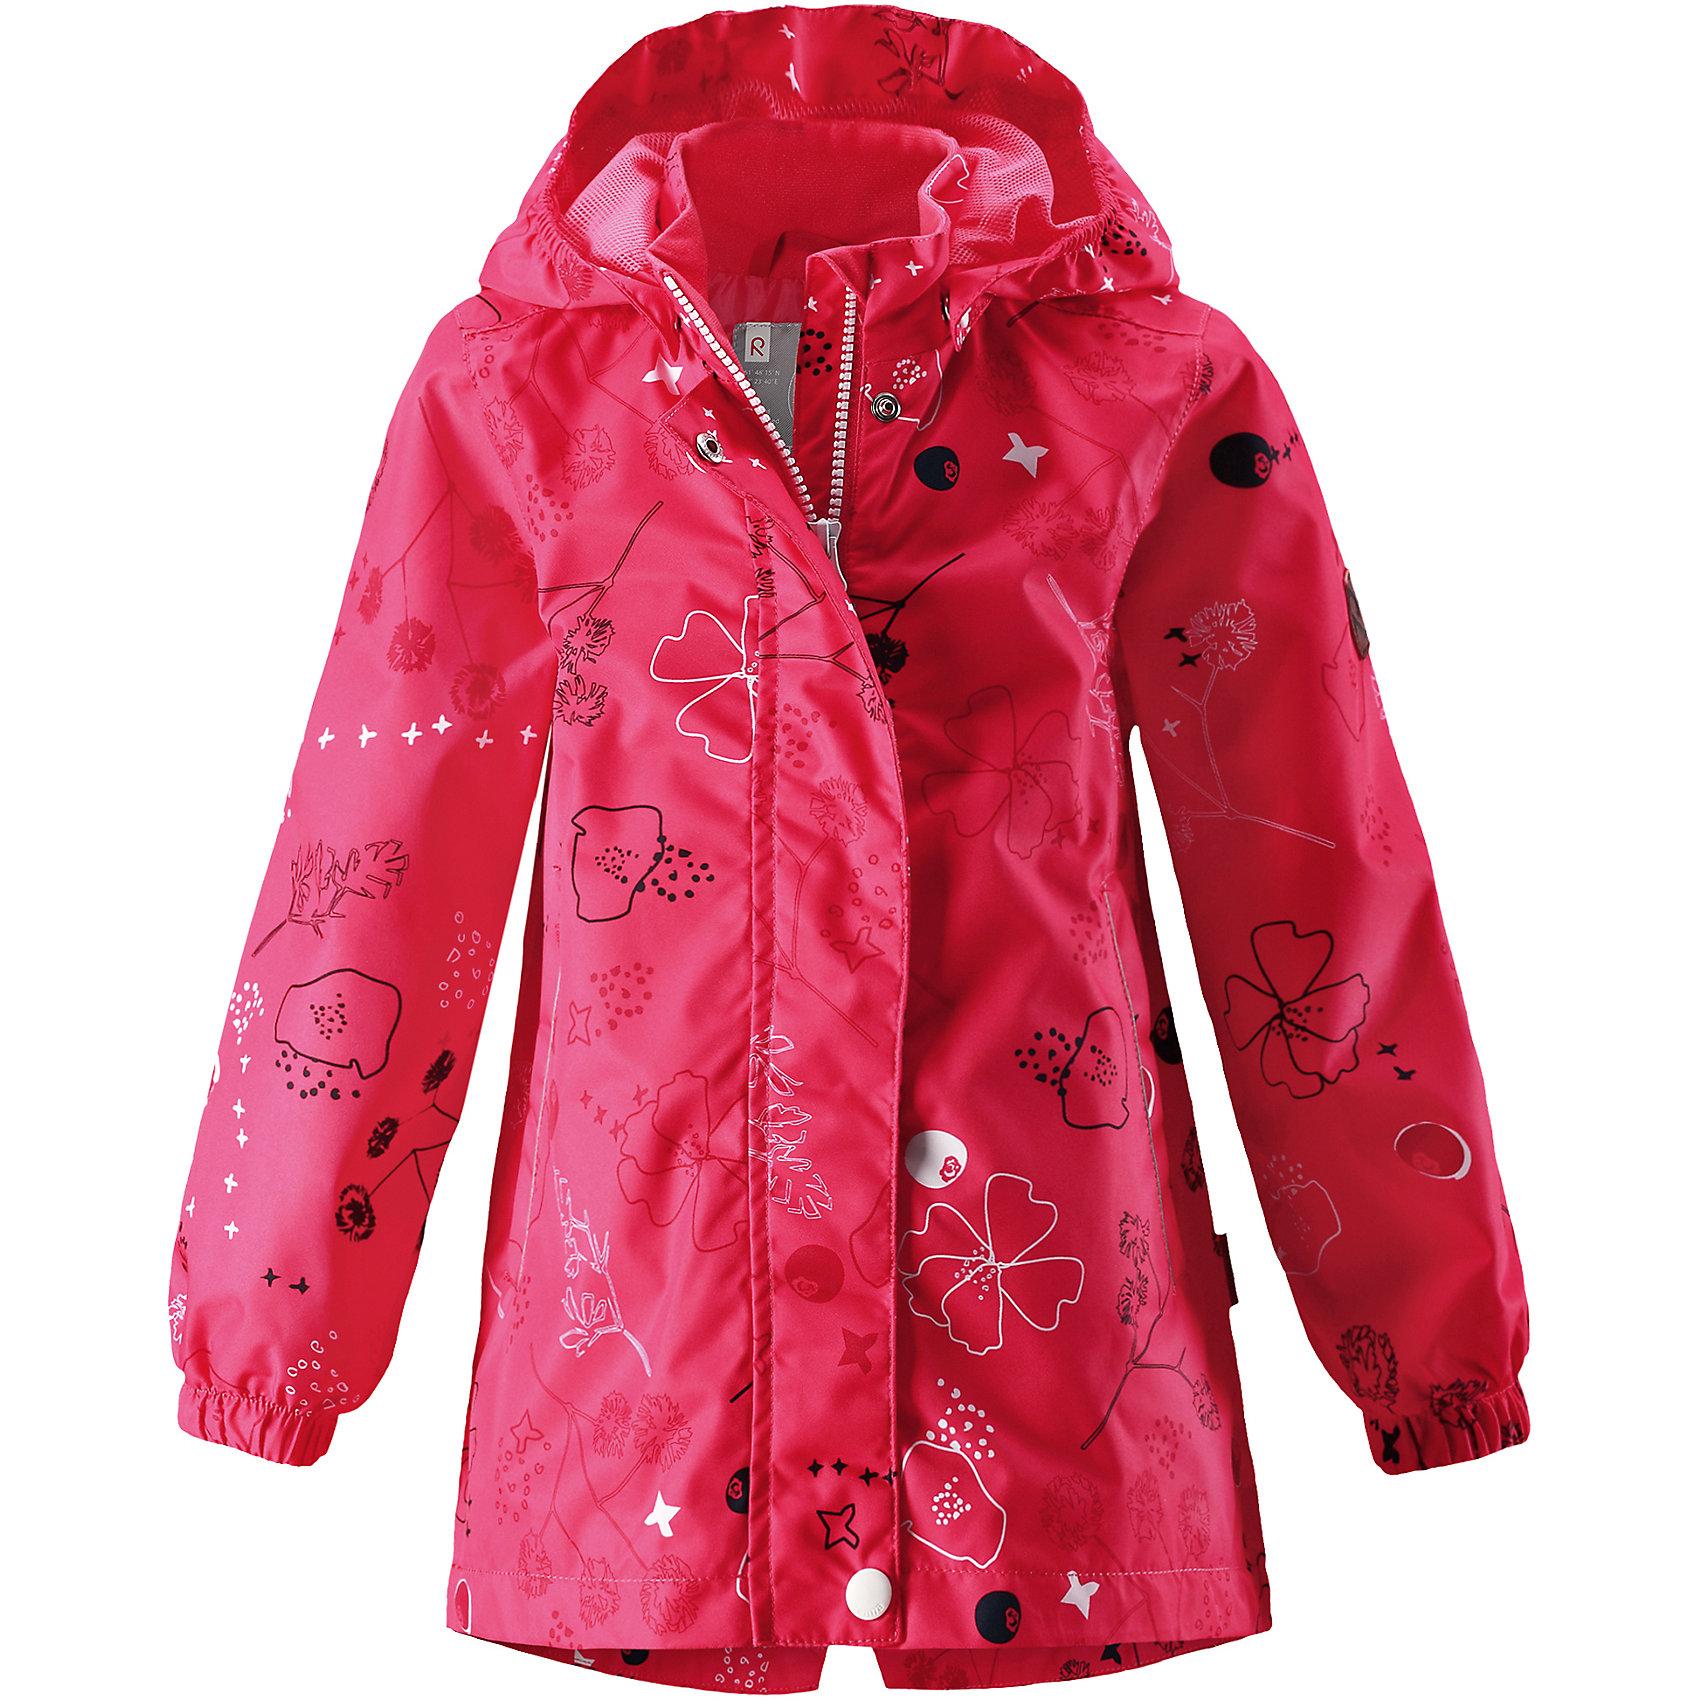 Куртка Kimalle для девочки Reimatec® ReimaОдежда<br>Характеристики товара:<br><br>• цвет: розовый<br>• состав: 100% полиэстер, полиуретановое покрытие<br>• температурный режим: от +5° до +15°С<br>• водонепроницаемость: 5000 мм<br>• воздухопроницаемость: 3000 мм<br>• износостойкость: 15000 циклов (тест Мартиндейла)<br>• без утеплителя<br>• основные швы проклеены, водонепроницаемы<br>• водо- и ветронепроницаемый, дышащий, грязеотталкивающий материал<br>• удлиненная модель<br>• гладкая подкладка из полиэстера<br>• эластичные манжеты<br>• безопасный съёмный капюшон<br>• талия регулируется изнутри<br>• два прорезных кармана<br>• светоотражающие детали<br>• комфортная посадка<br>• страна производства: Китай<br>• страна бренда: Финляндия<br>• коллекция: весна-лето 2017<br><br>В межсезонье верхняя одежда для детей может быть модной и комфортной одновременно! Демисезонная куртка поможет обеспечить ребенку комфорт и тепло. Она отлично смотрится с различной одеждой и обувью. Изделие удобно сидит и модно выглядит. Материал - прочный, хорошо подходящий для межсезонья, водо- и ветронепроницаемый, «дышащий». Стильный дизайн разрабатывался специально для детей.<br><br>Одежда и обувь от финского бренда Reima пользуется популярностью во многих странах. Эти изделия стильные, качественные и удобные. Для производства продукции используются только безопасные, проверенные материалы и фурнитура. Порадуйте ребенка модными и красивыми вещами от Reima! <br><br>Куртку для девочки Reimatec® от финского бренда Reima (Рейма) можно купить в нашем интернет-магазине.<br><br>Ширина мм: 356<br>Глубина мм: 10<br>Высота мм: 245<br>Вес г: 519<br>Цвет: розовый<br>Возраст от месяцев: 36<br>Возраст до месяцев: 48<br>Пол: Женский<br>Возраст: Детский<br>Размер: 110,122,104,128,140,146,152,134,116<br>SKU: 5270613